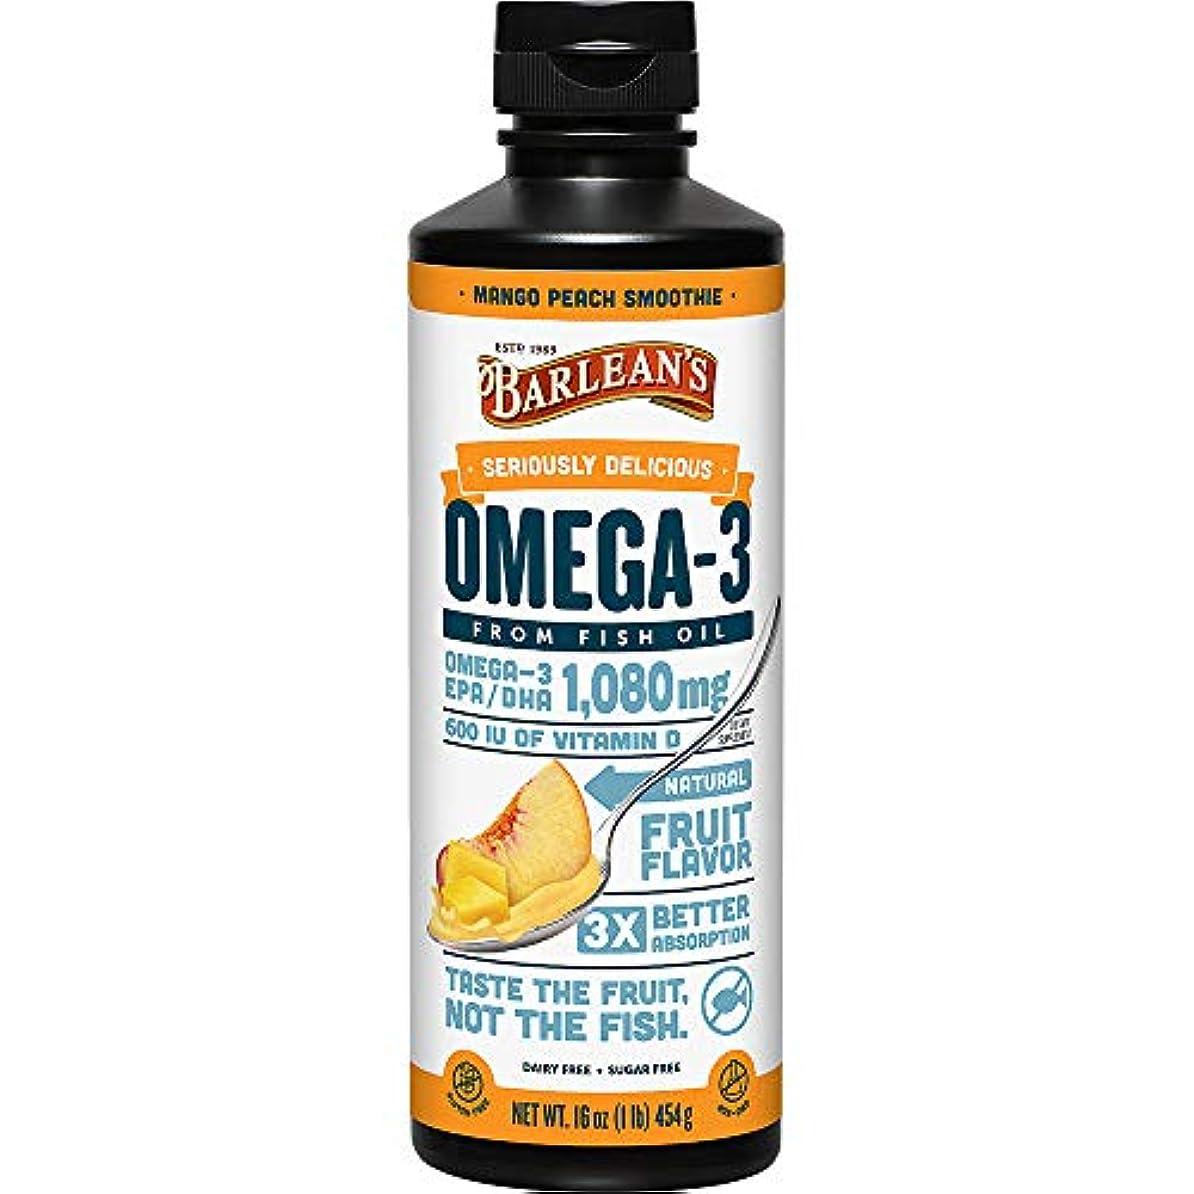 権威すきガムBarlean's - Omegaの渦巻Omega-の3 魚オイルのマンゴのモモ - 16ポンド